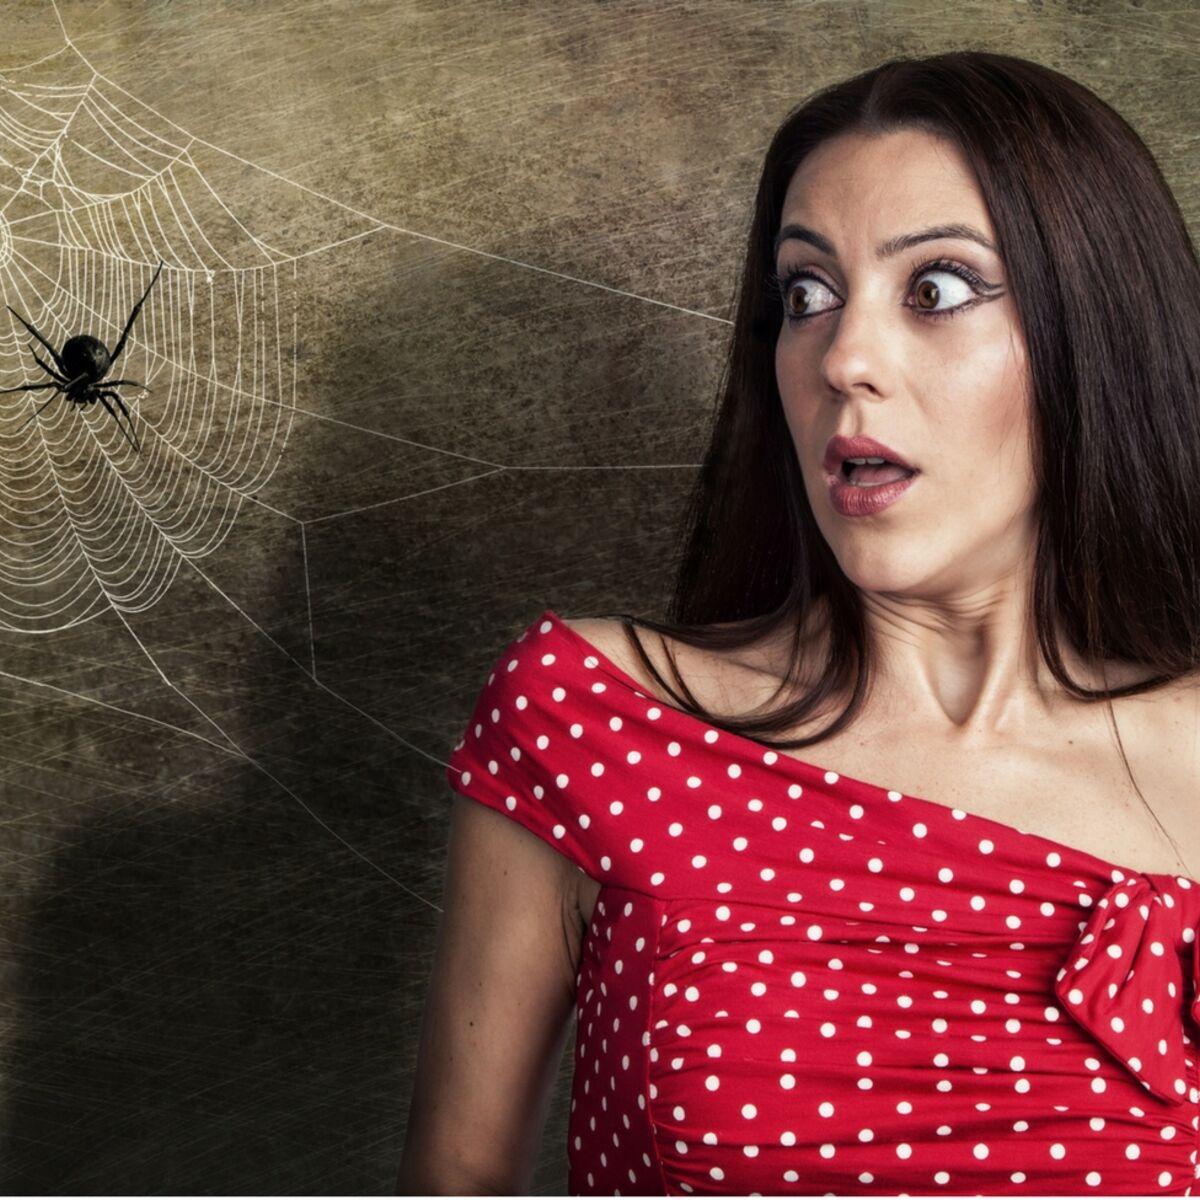 Astuces Naturelles Pour Se Débarrasser Des Fourmis les astuces géniales pour se débarrasser des araignées